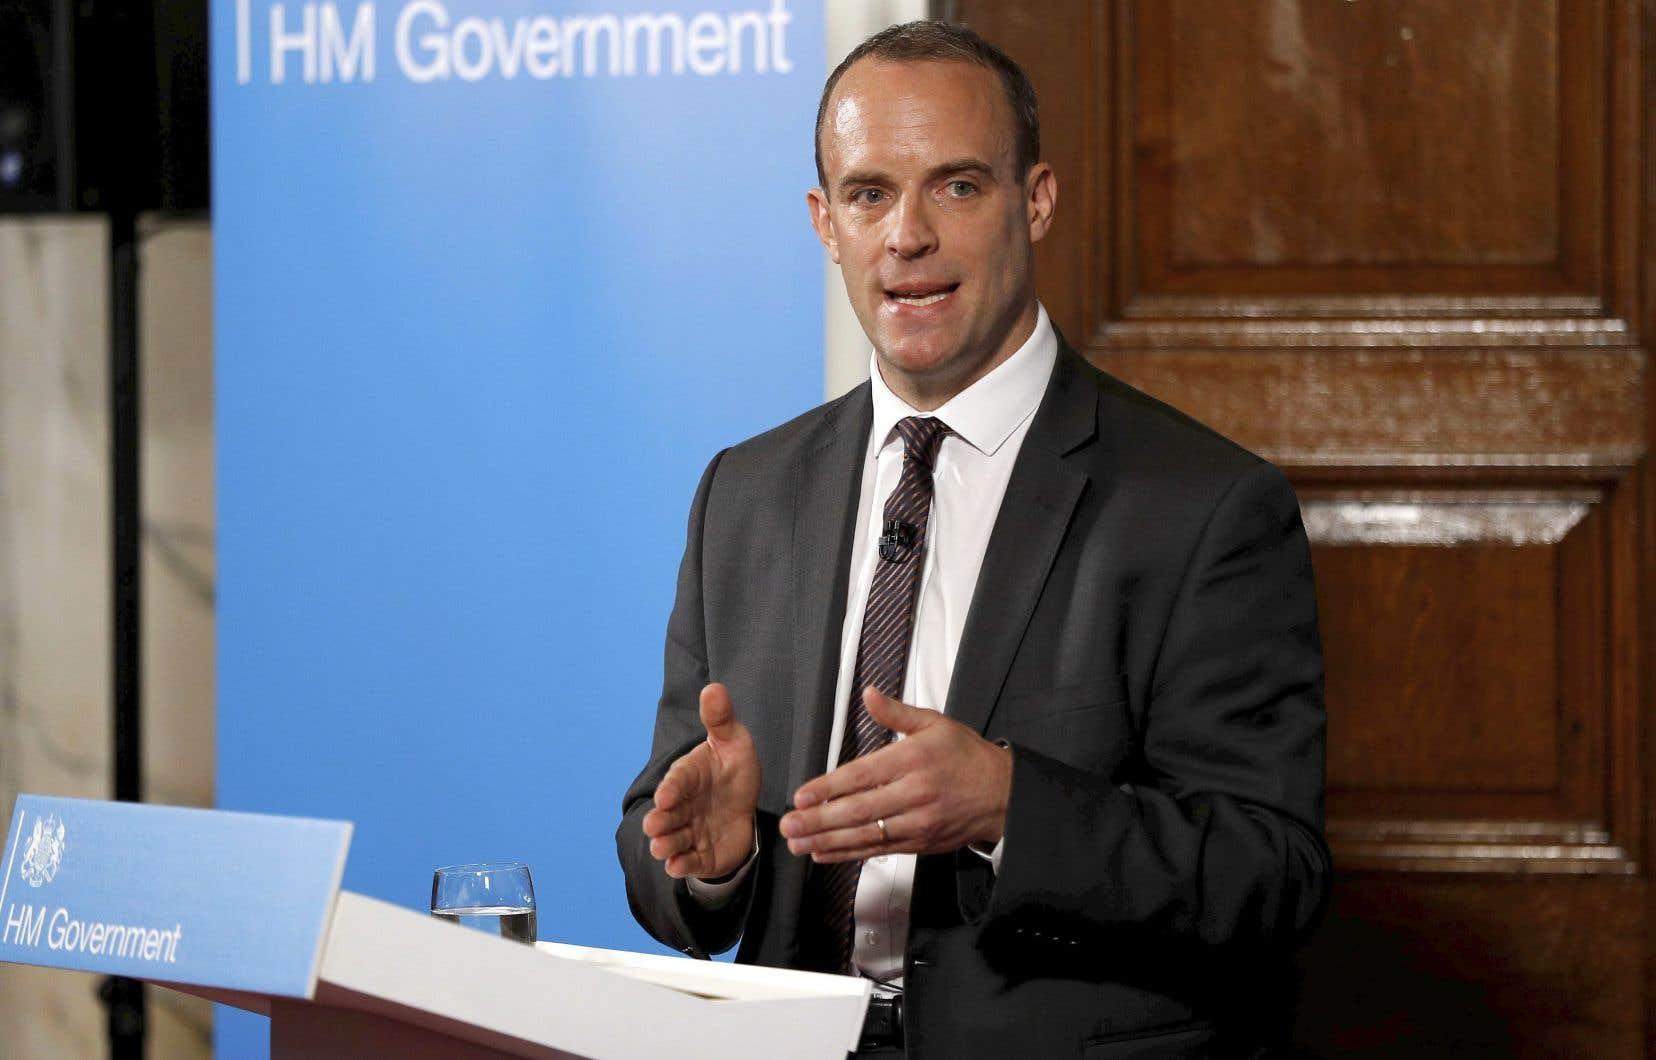 Le ministre britannique chargé du Brexit, Dominic Raab, juge improbable une absence d'accord entre Londres et l'UE.